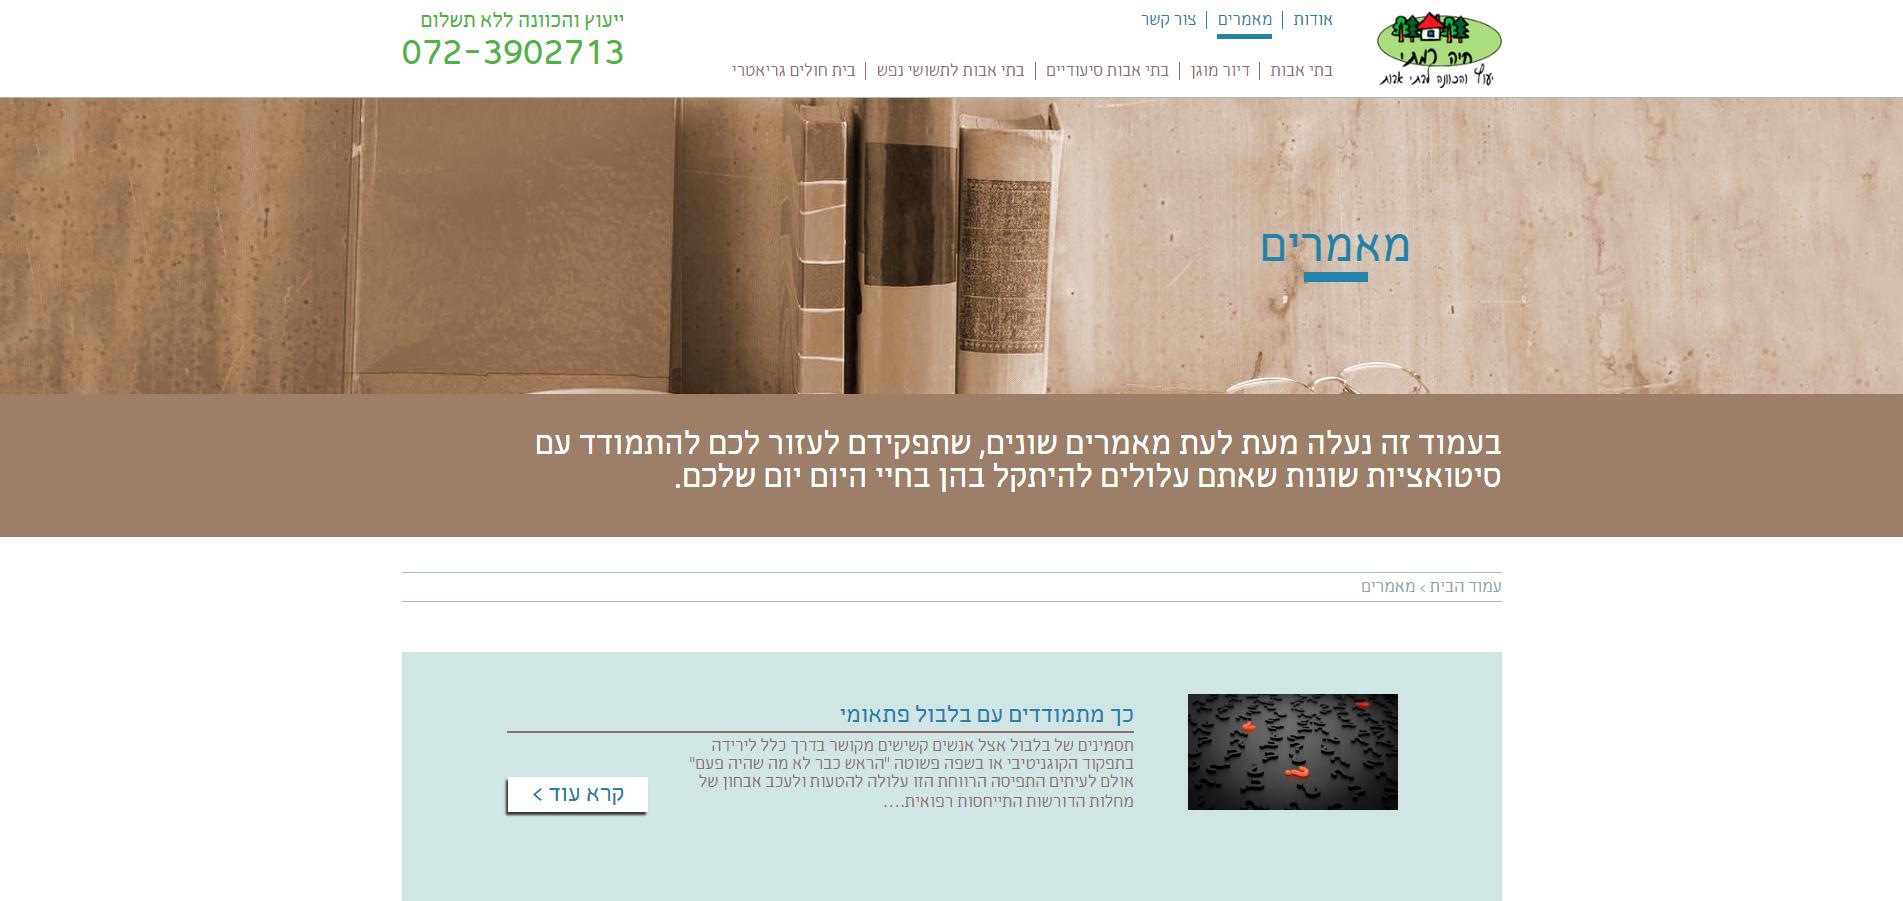 צילום מסך של קטגוריית מאמרים באתר חיה רמתי